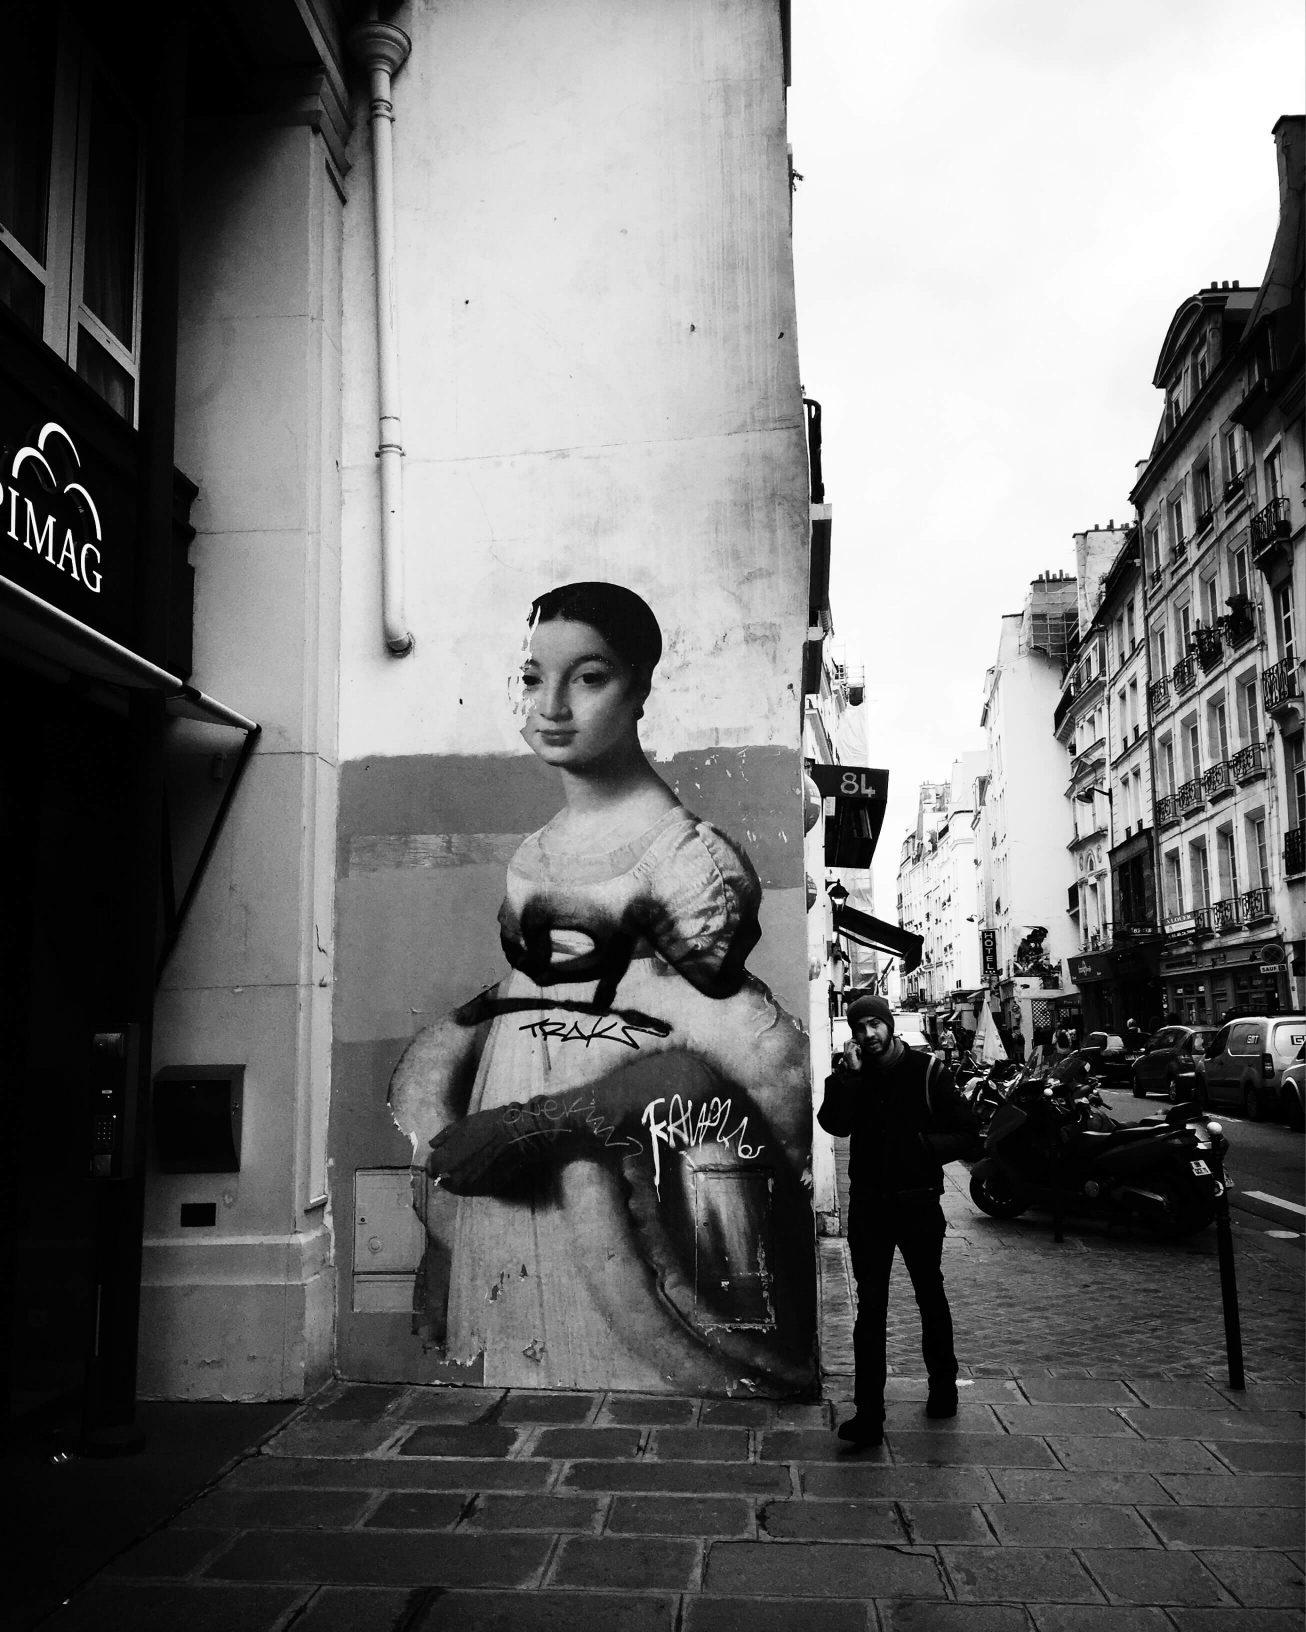 Rue Saint-Honoré  - Paris - Oeuvre de Julien de Casabianca - Automne 2016